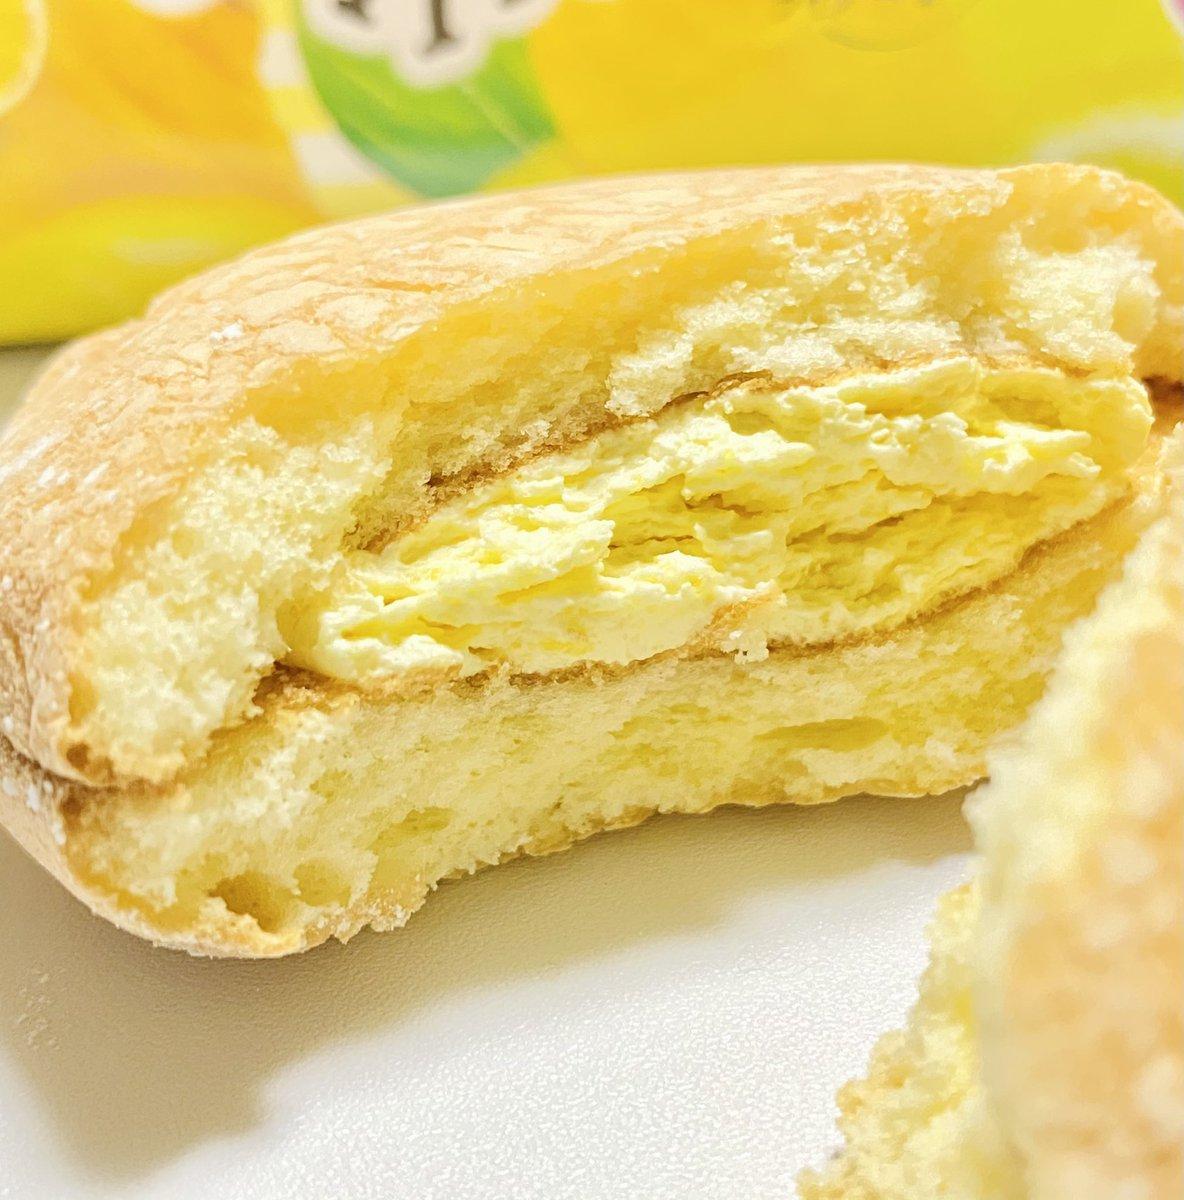 test ツイッターメディア - 今日のおやつは…亀屋万年堂さんから昨日お土産にいただきました「ナボナロングライフ レモン」🍋✨  かわいいパッケージに、食べる前からキュン💕 口の中にふわっと広がる、レモンの優しい酸味と香り。 もう最高!メッチャ美味しい!! #ナボナ #期間限定 #レモン #公式おやつ部 https://t.co/GbsSptfRCD